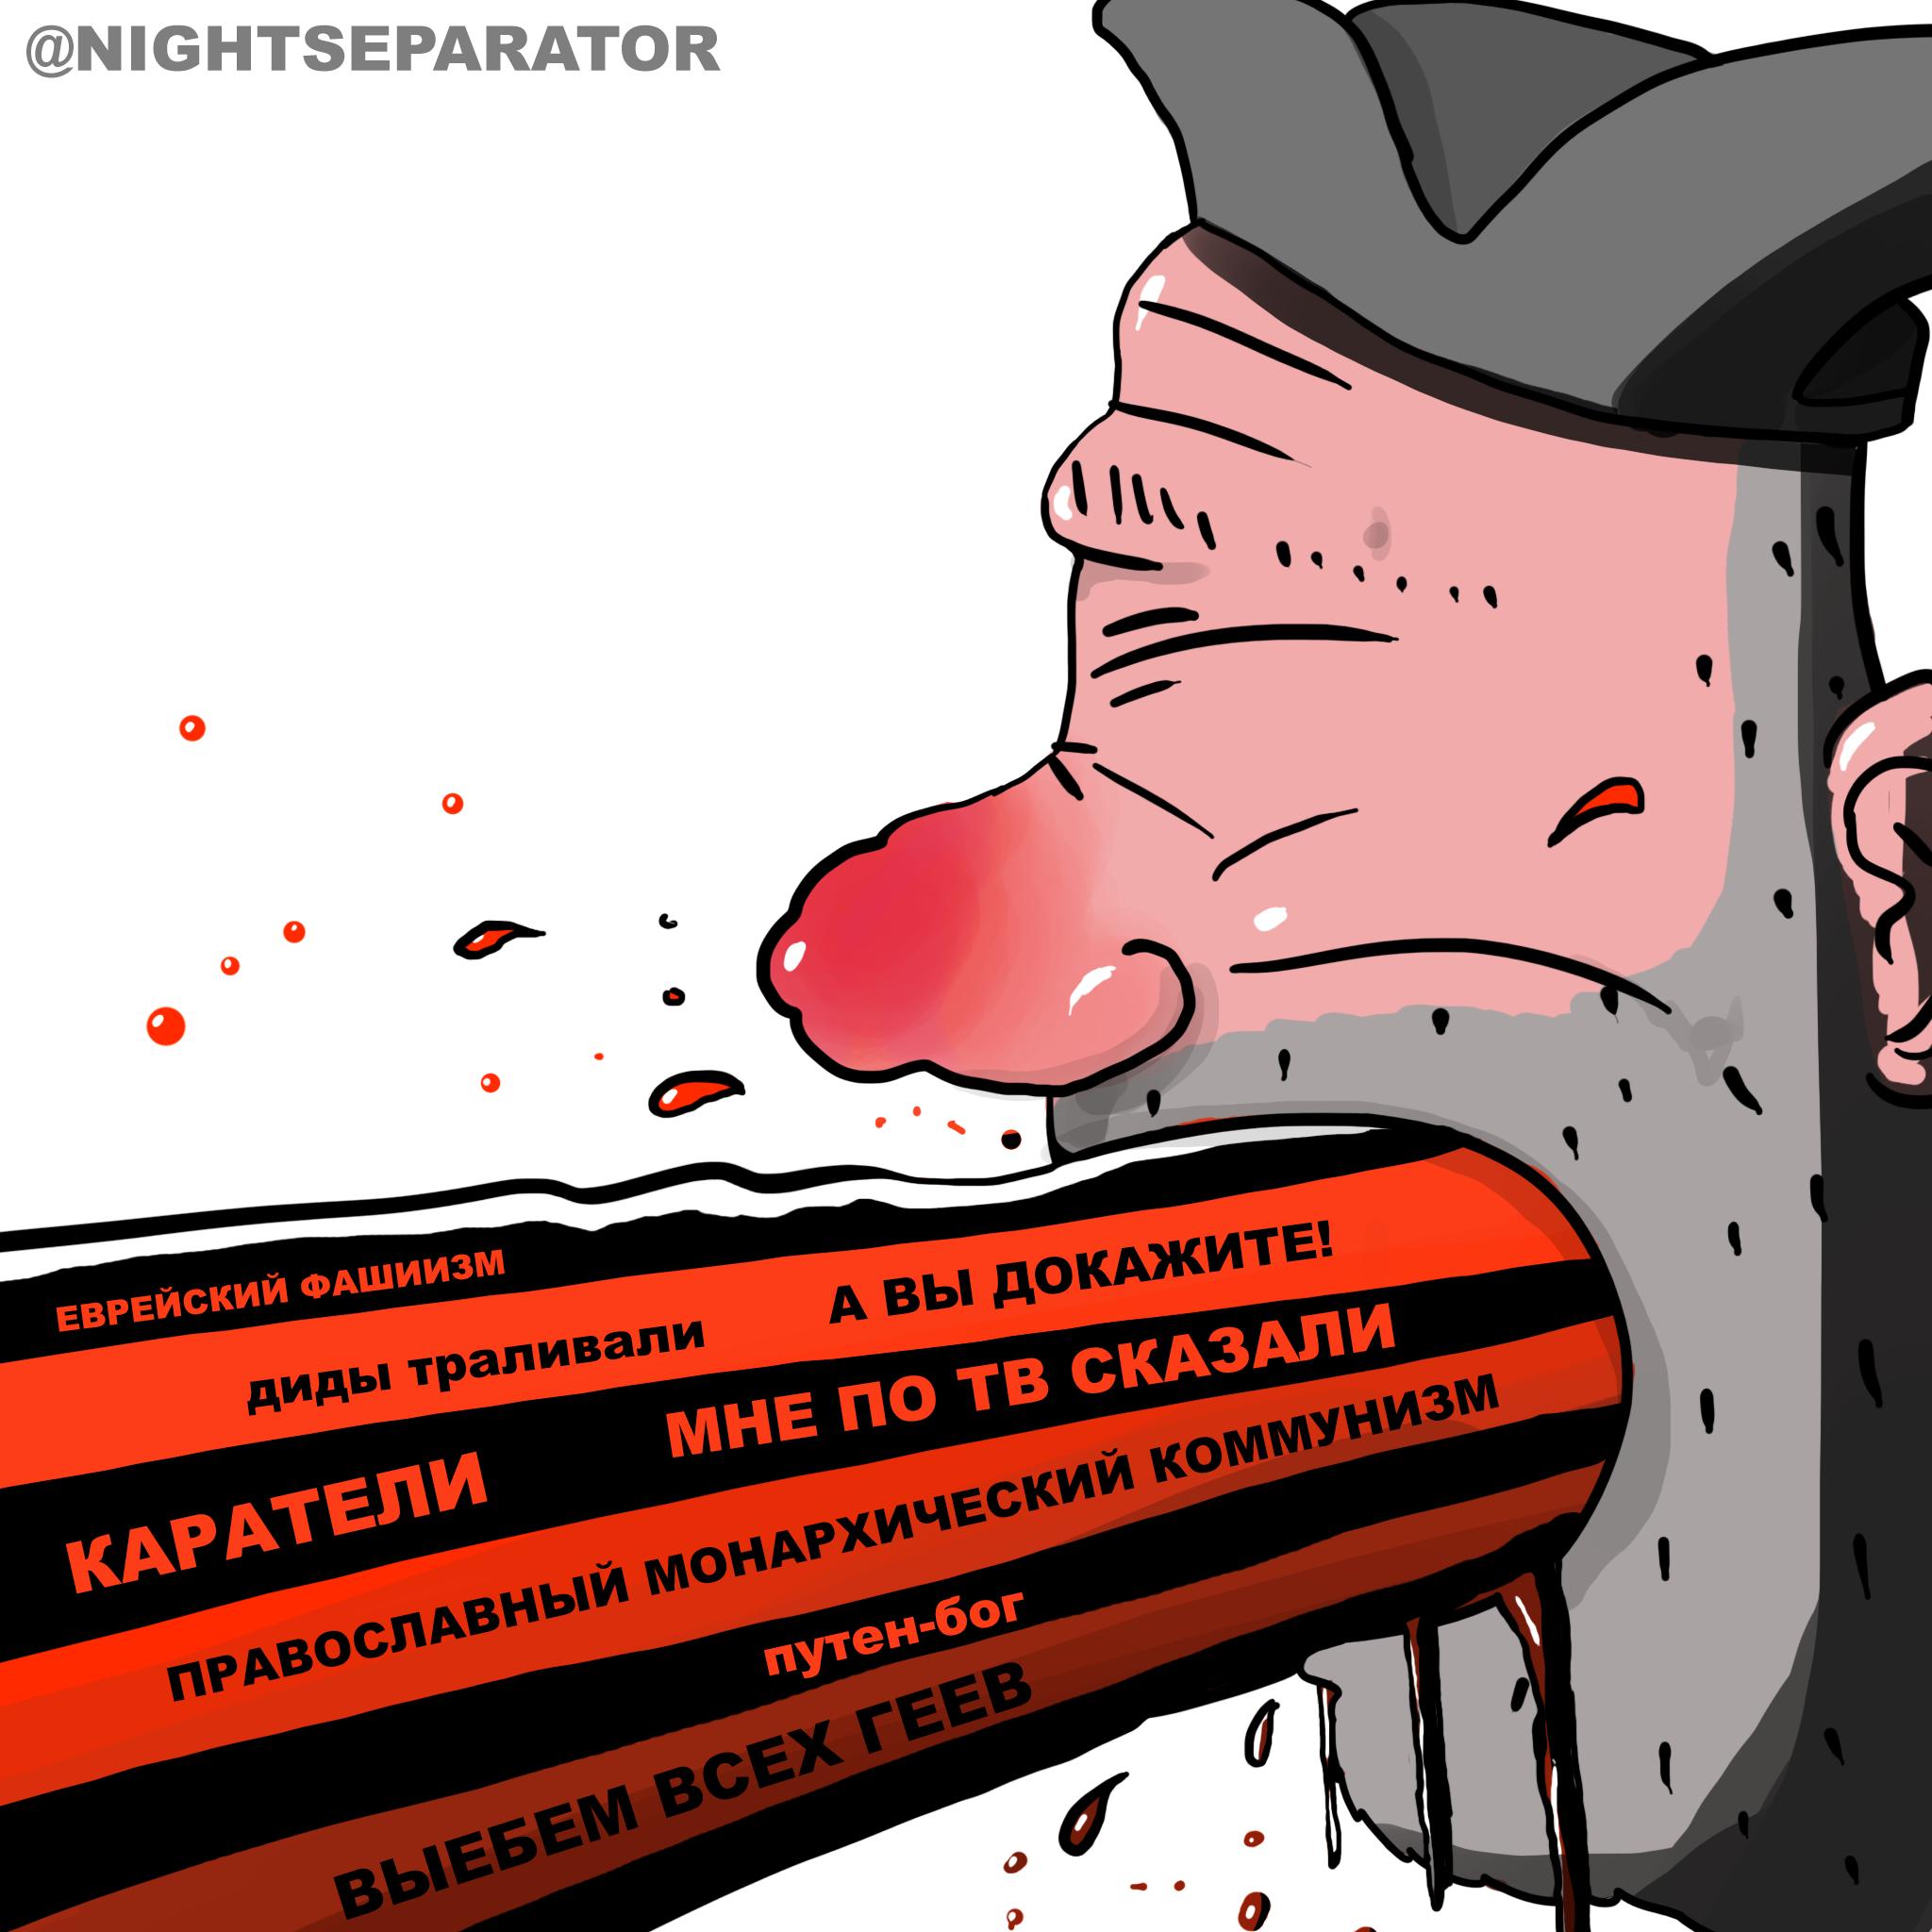 Песков о готовящихся Киевом санкциях в отношении Путина: Мы пока не знаем серьезно это или пустышка какая-то - Цензор.НЕТ 8563